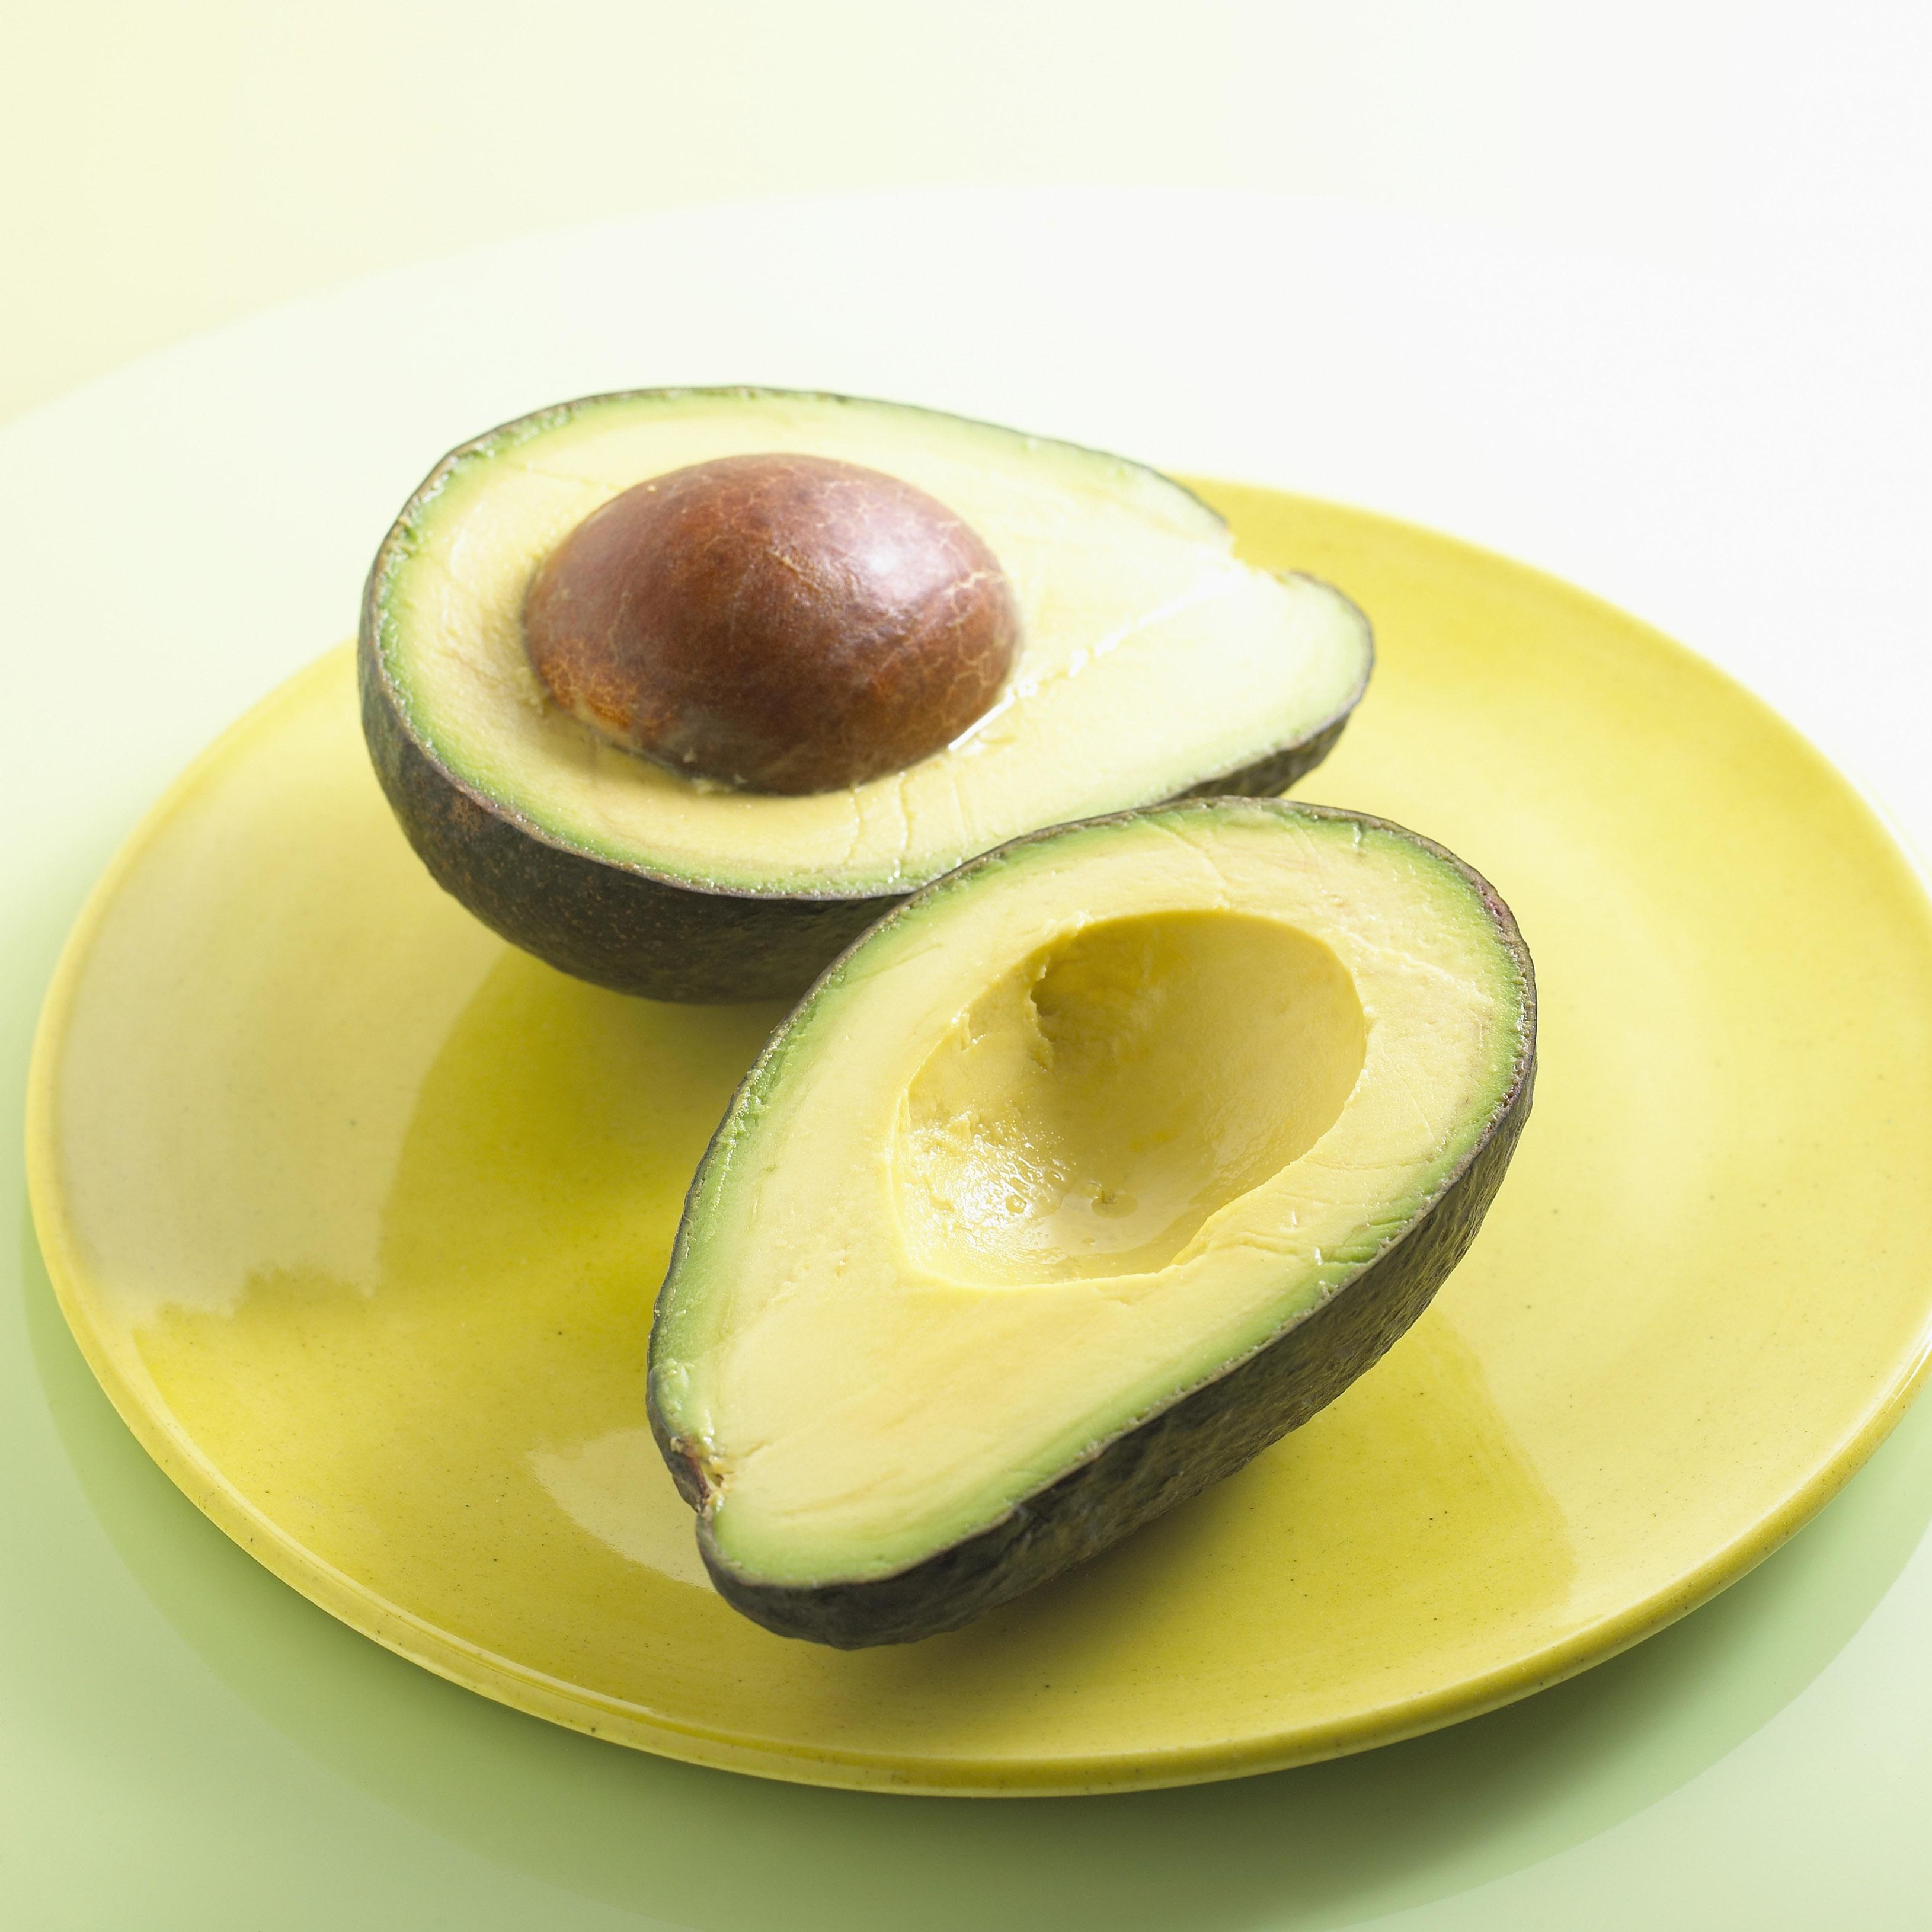 Halved Avocado bxp159773h